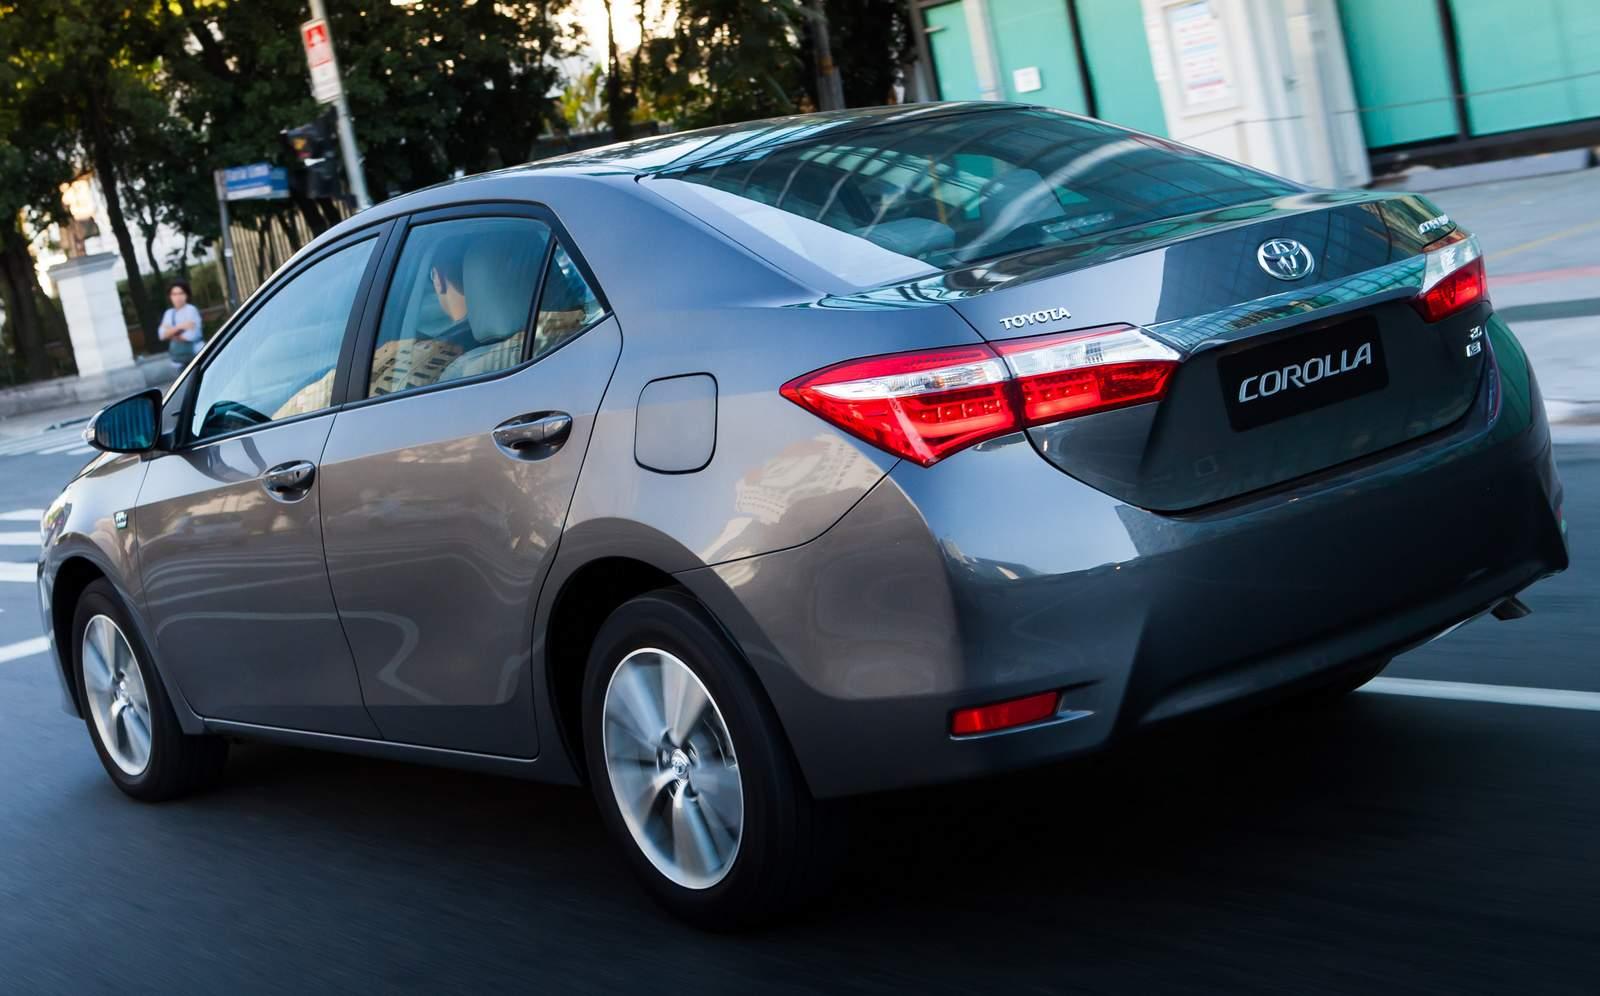 Novo Toyota Corolla 2015 x Honda Civic